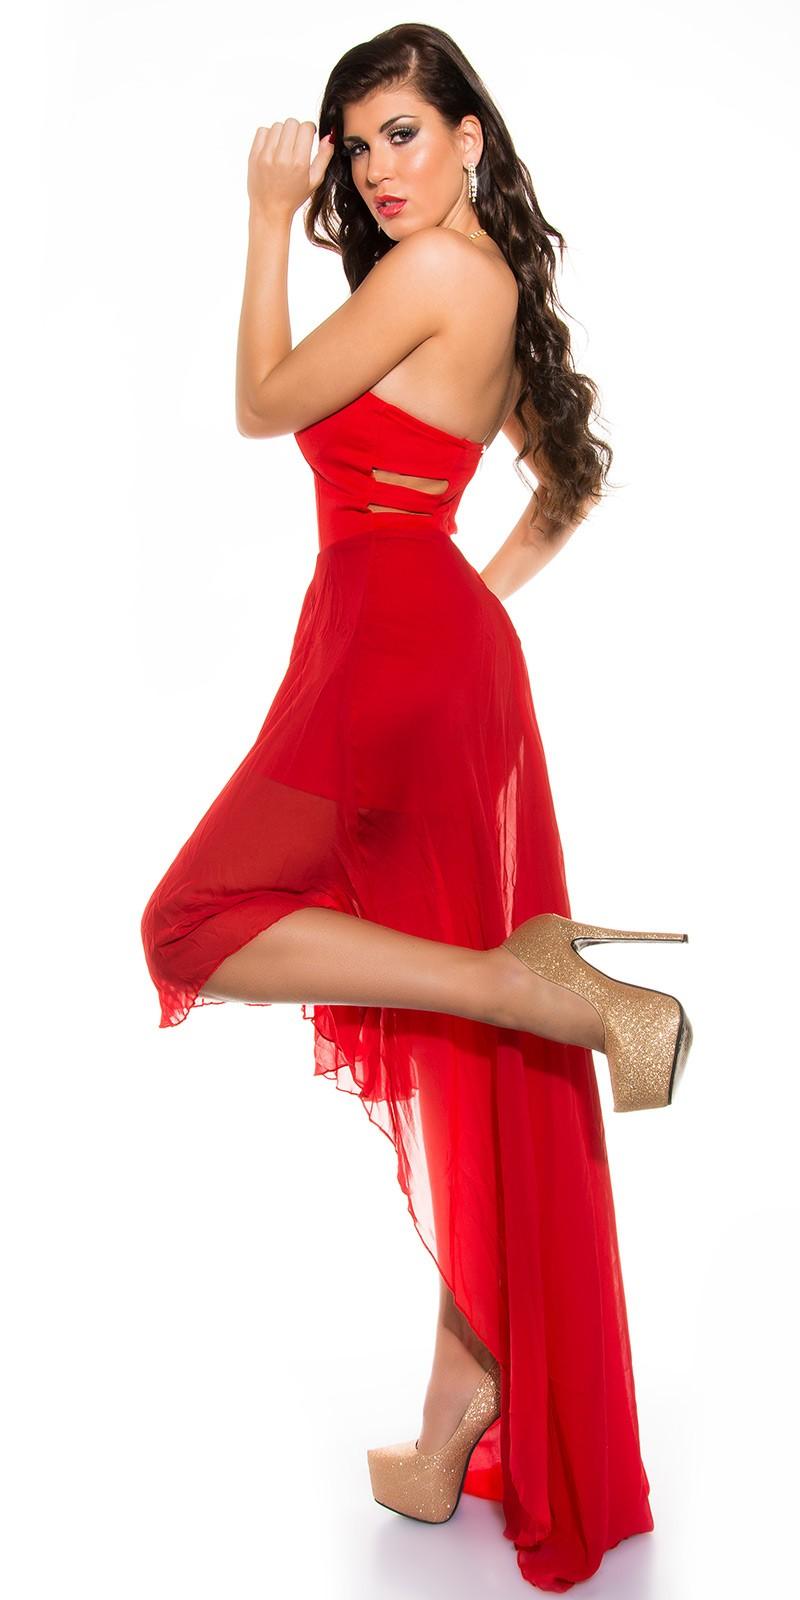 0f17f927b8 Muszlin szoknyás elöl rövid hátul hosszú női alkalmi ruha - Piros (S/M,. Az  Ön értékelése: